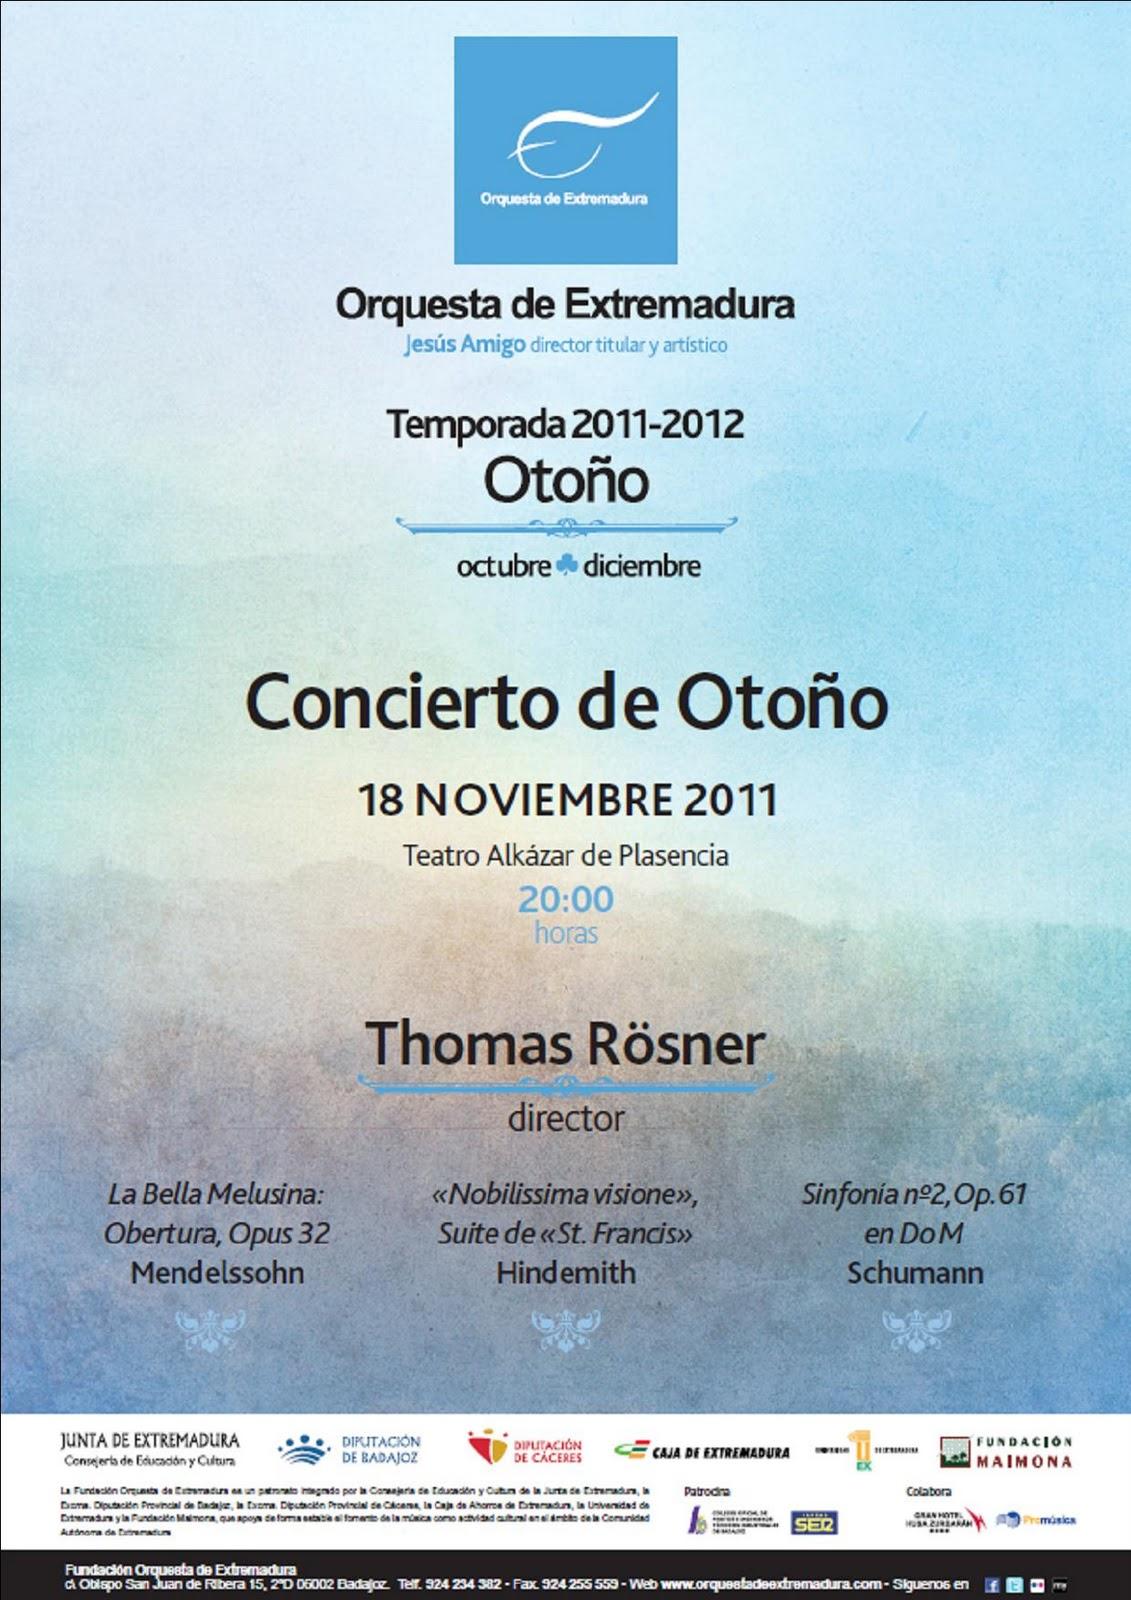 Concierto Orquesta de Extremadura